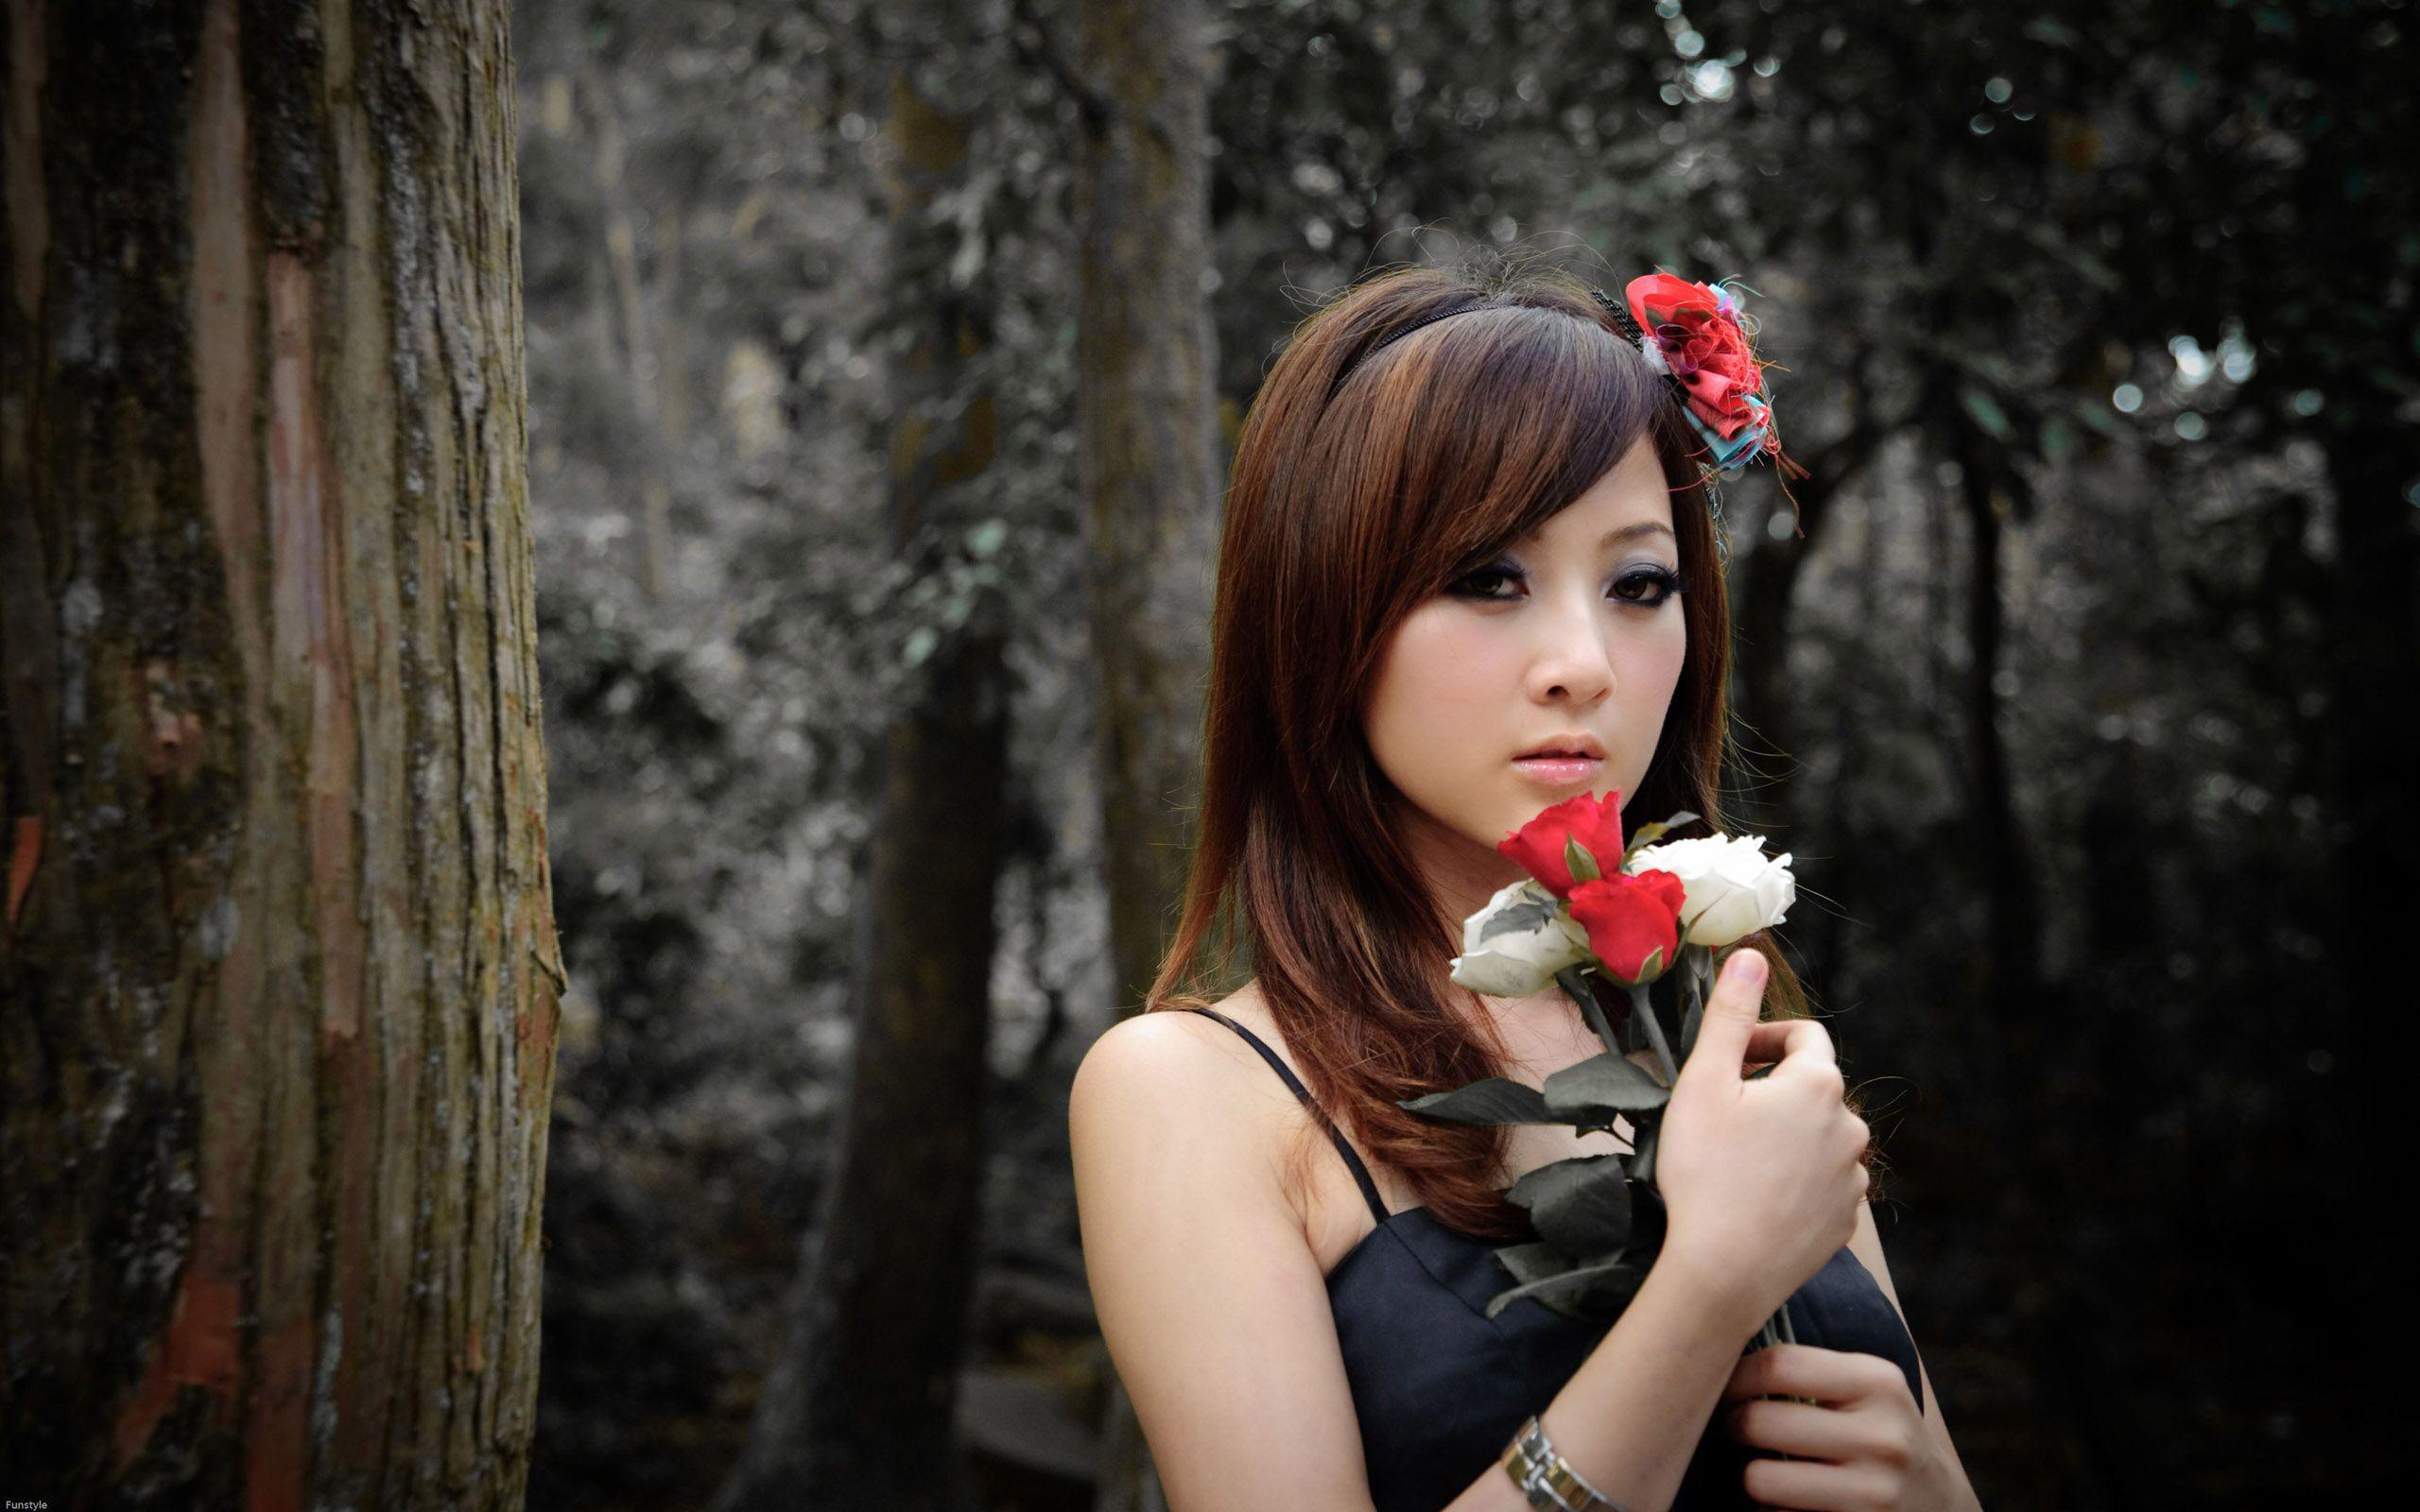 Фото открытых у японок, Красивые обнаженные японки (38 фото) 17 фотография